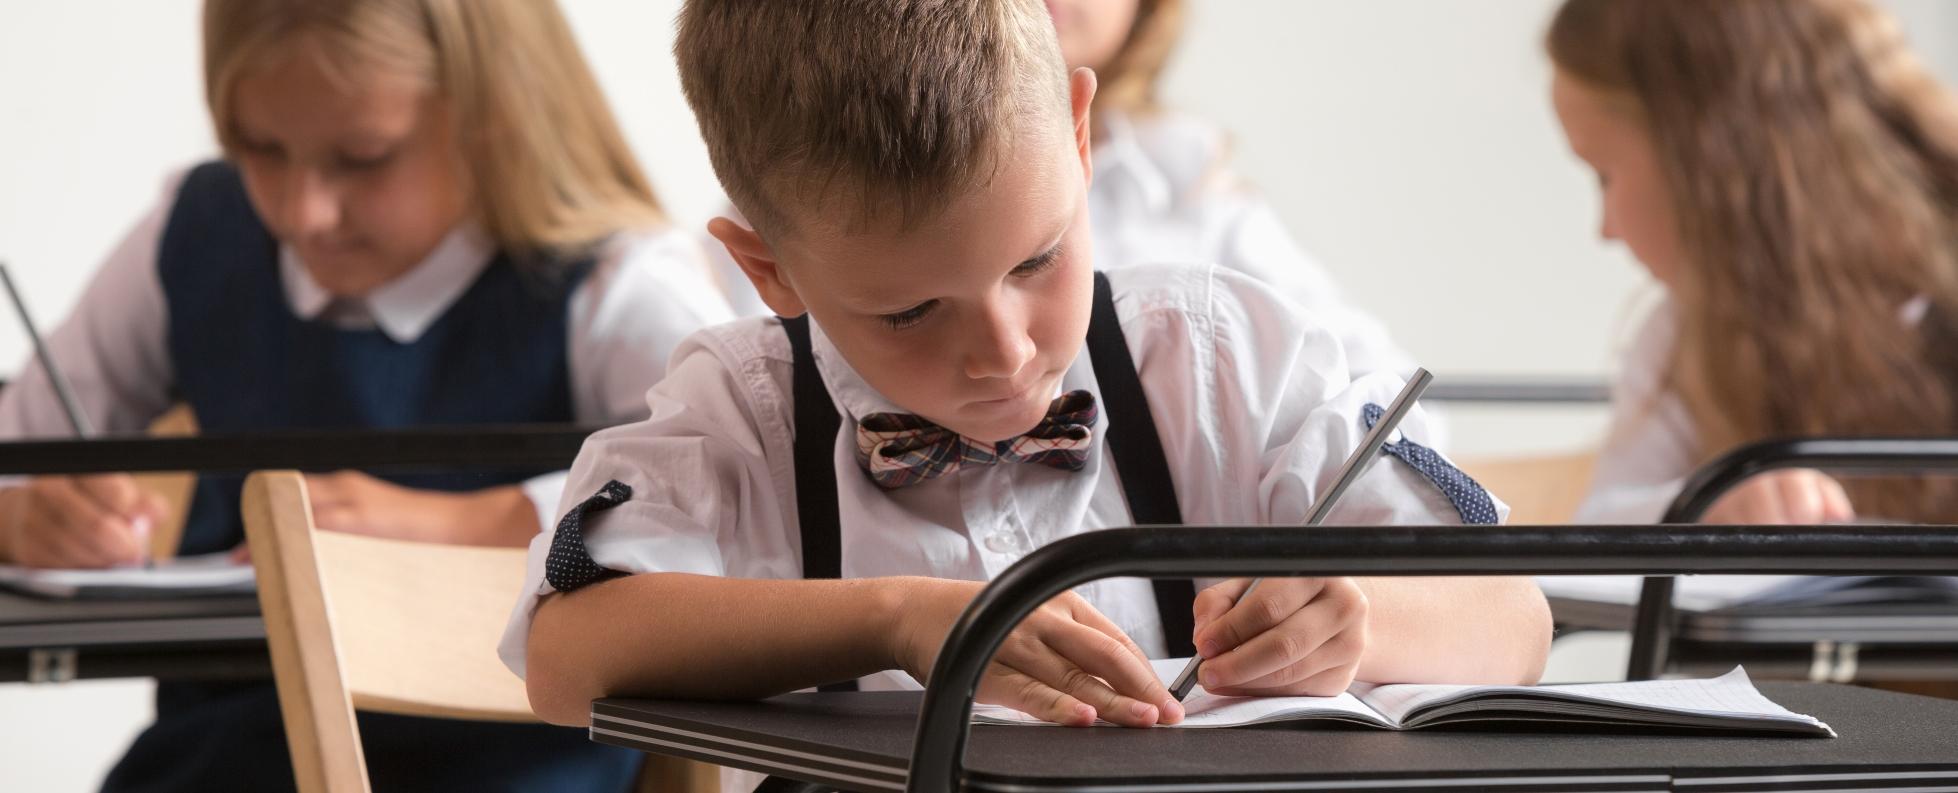 Az alapvető jogok biztosa szerint ellentmondásos és hiányos az iskolaérettséget meghatározó szabályozás